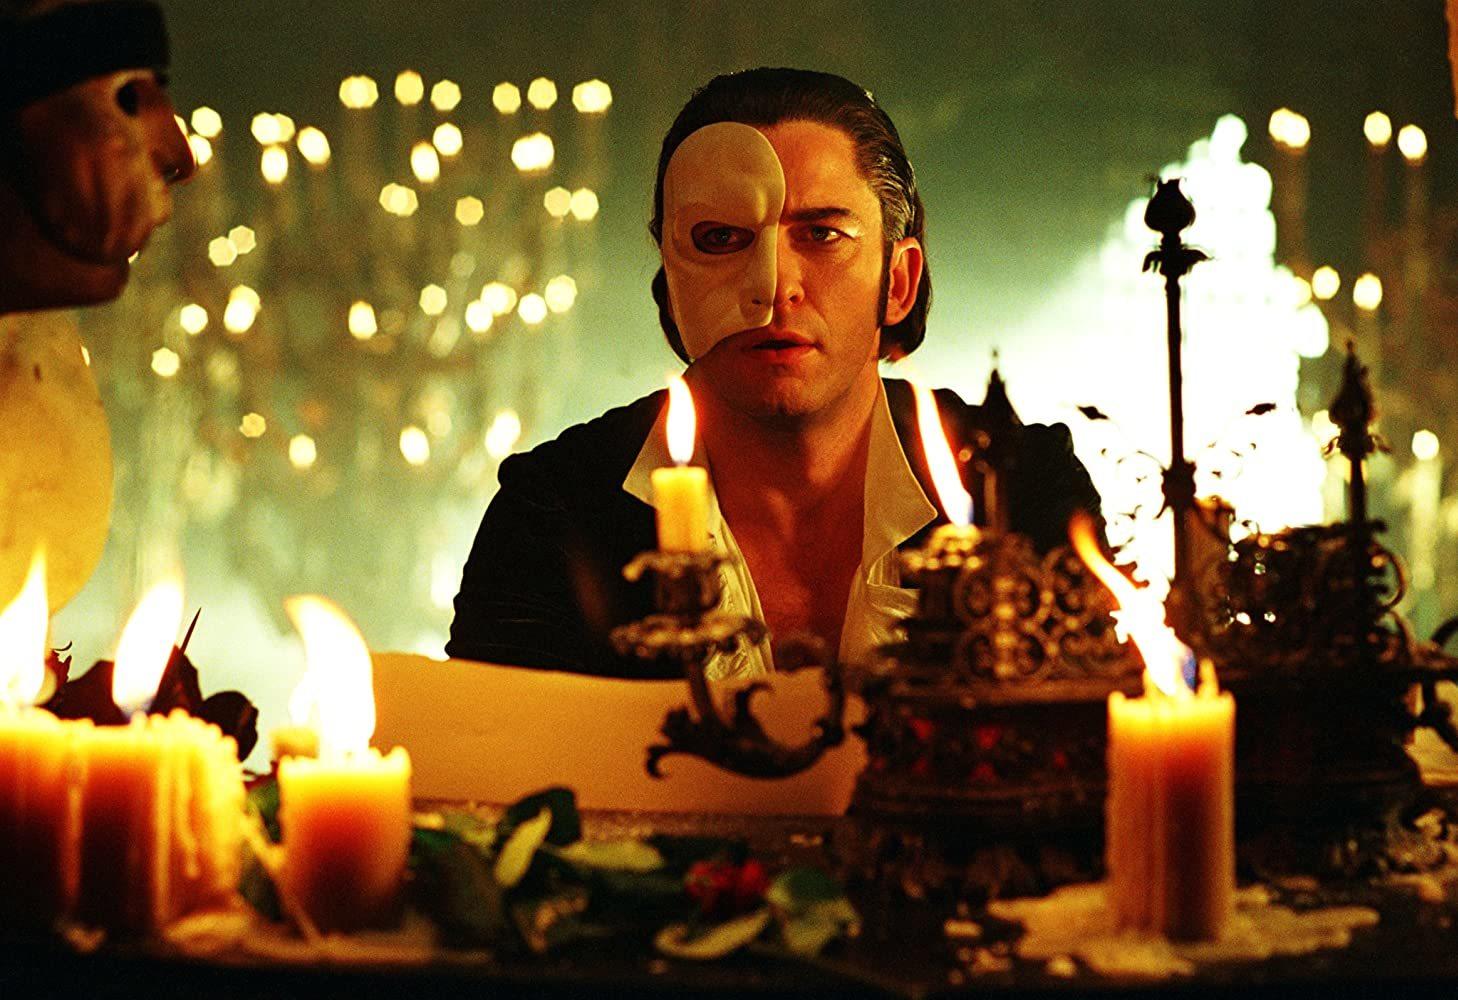 Fantom opery: Znetvořený hudební génius se vrátí v televizní minisérii | Fandíme filmu